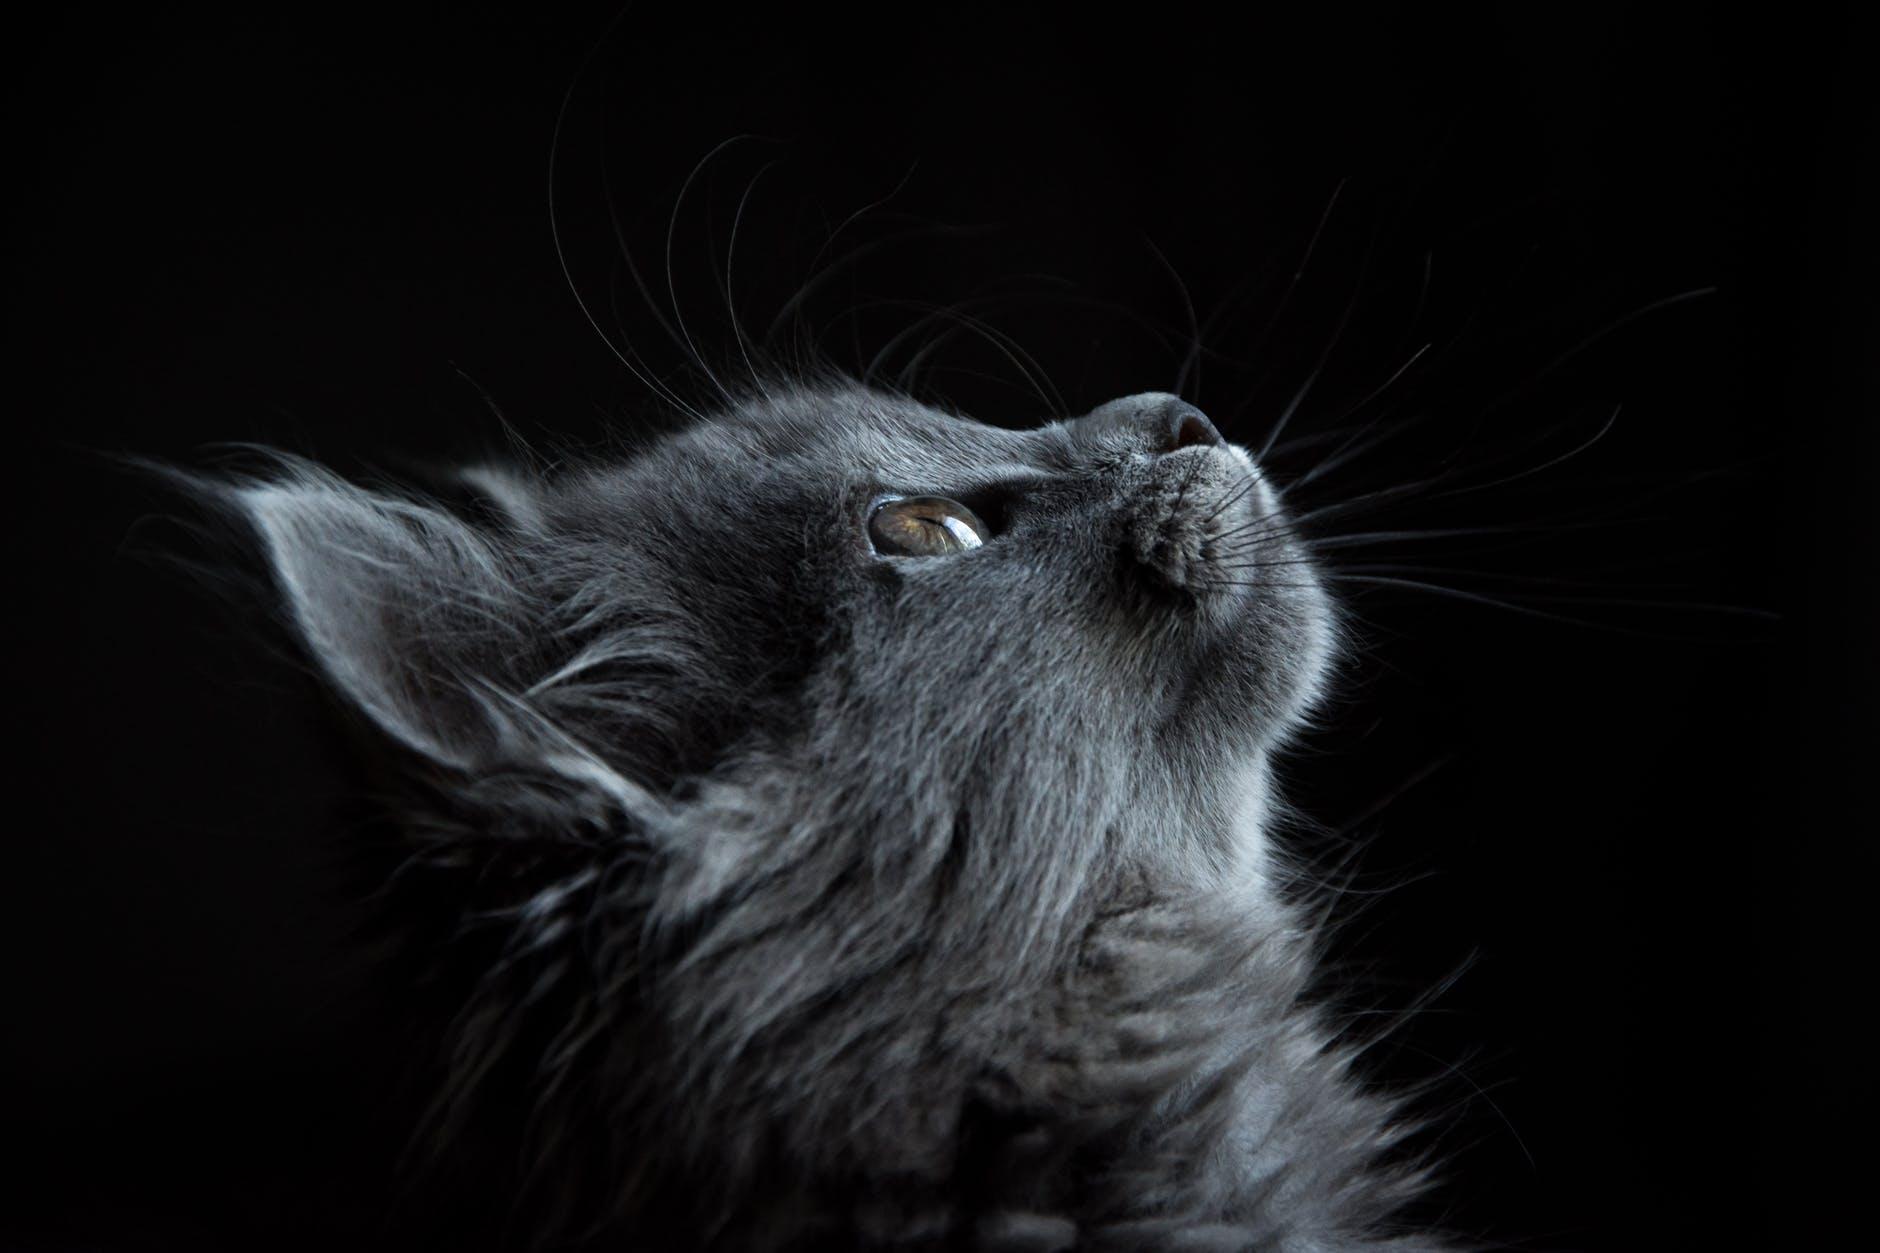 Hình ảnh chú mèo lông xám xinh đẹp